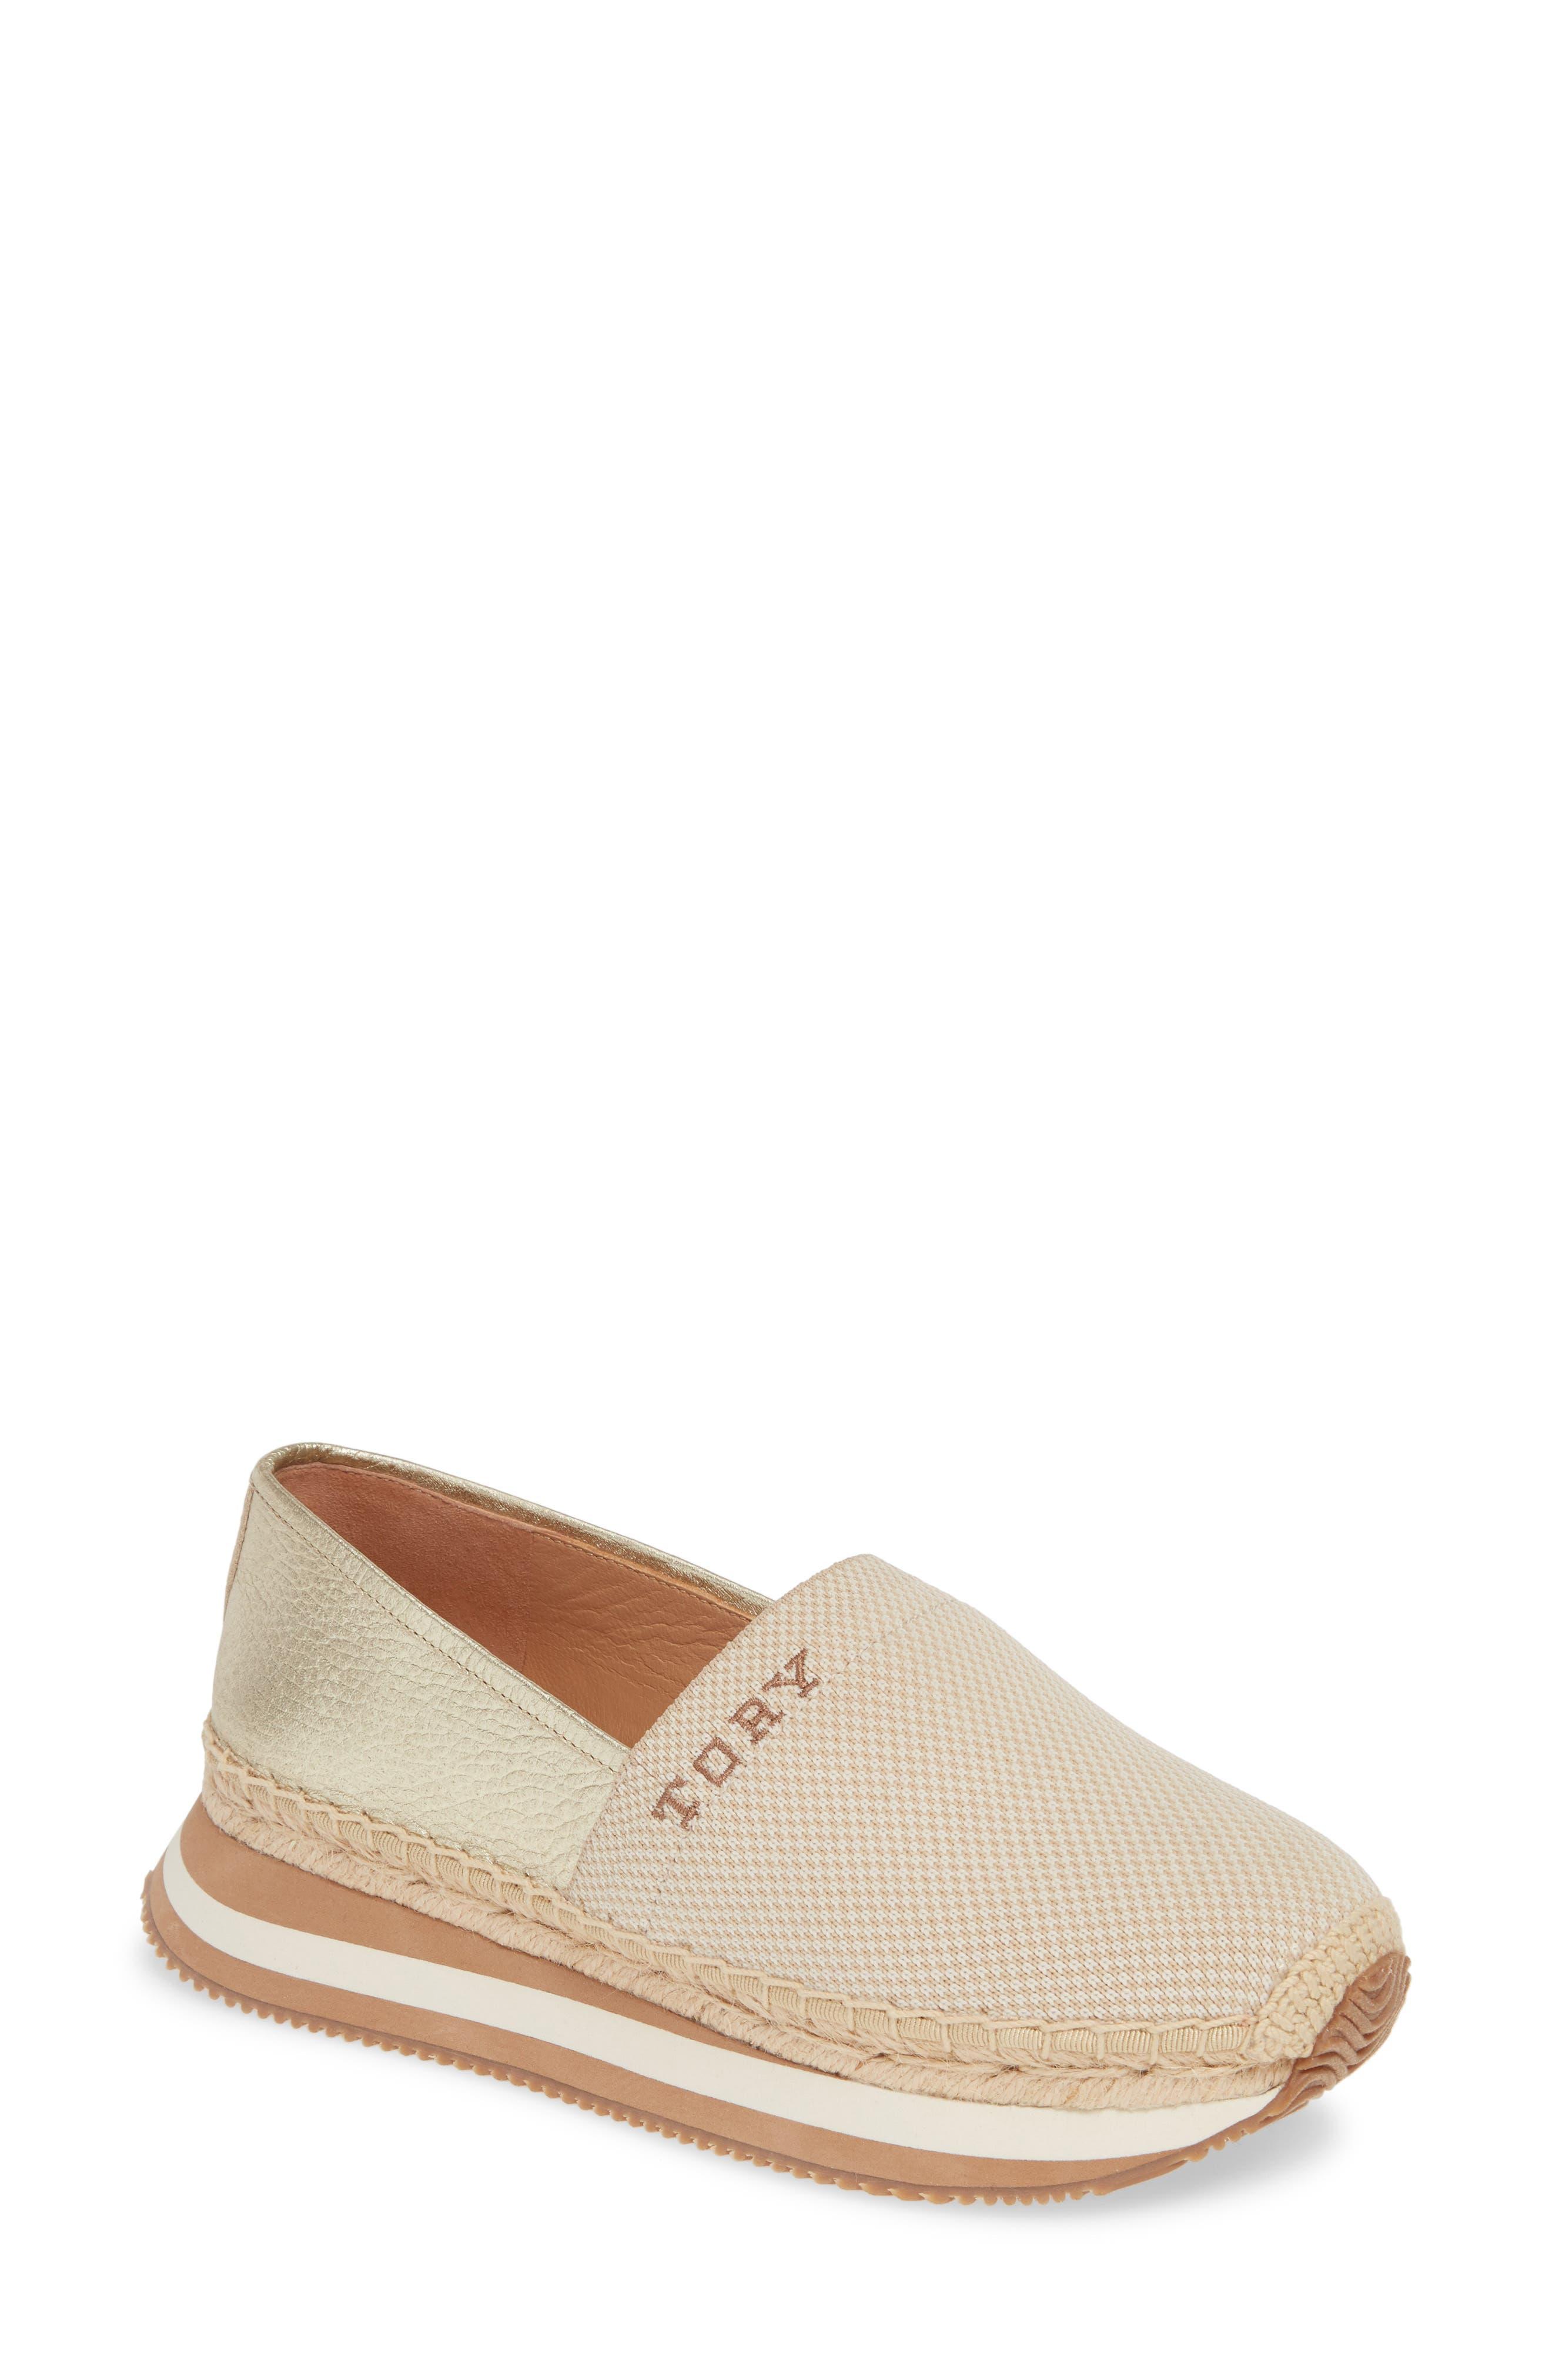 Tory Burch Daisy Stripe Sneaker, Beige